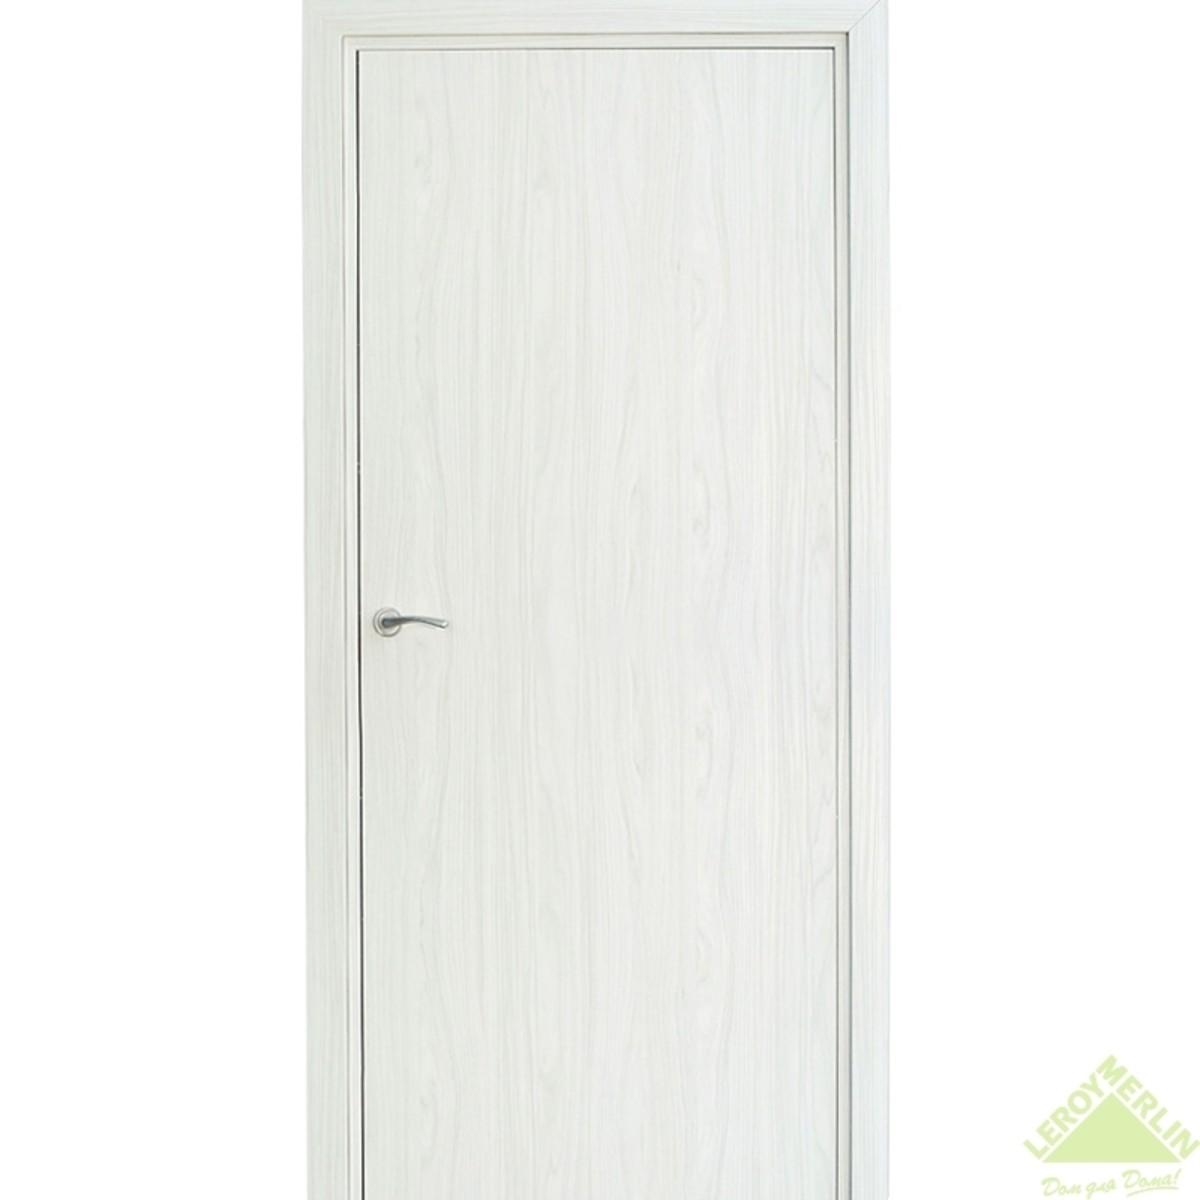 Дверь межкомнатная глухая Фортунато 800 600x2000 мм снежный палисандр